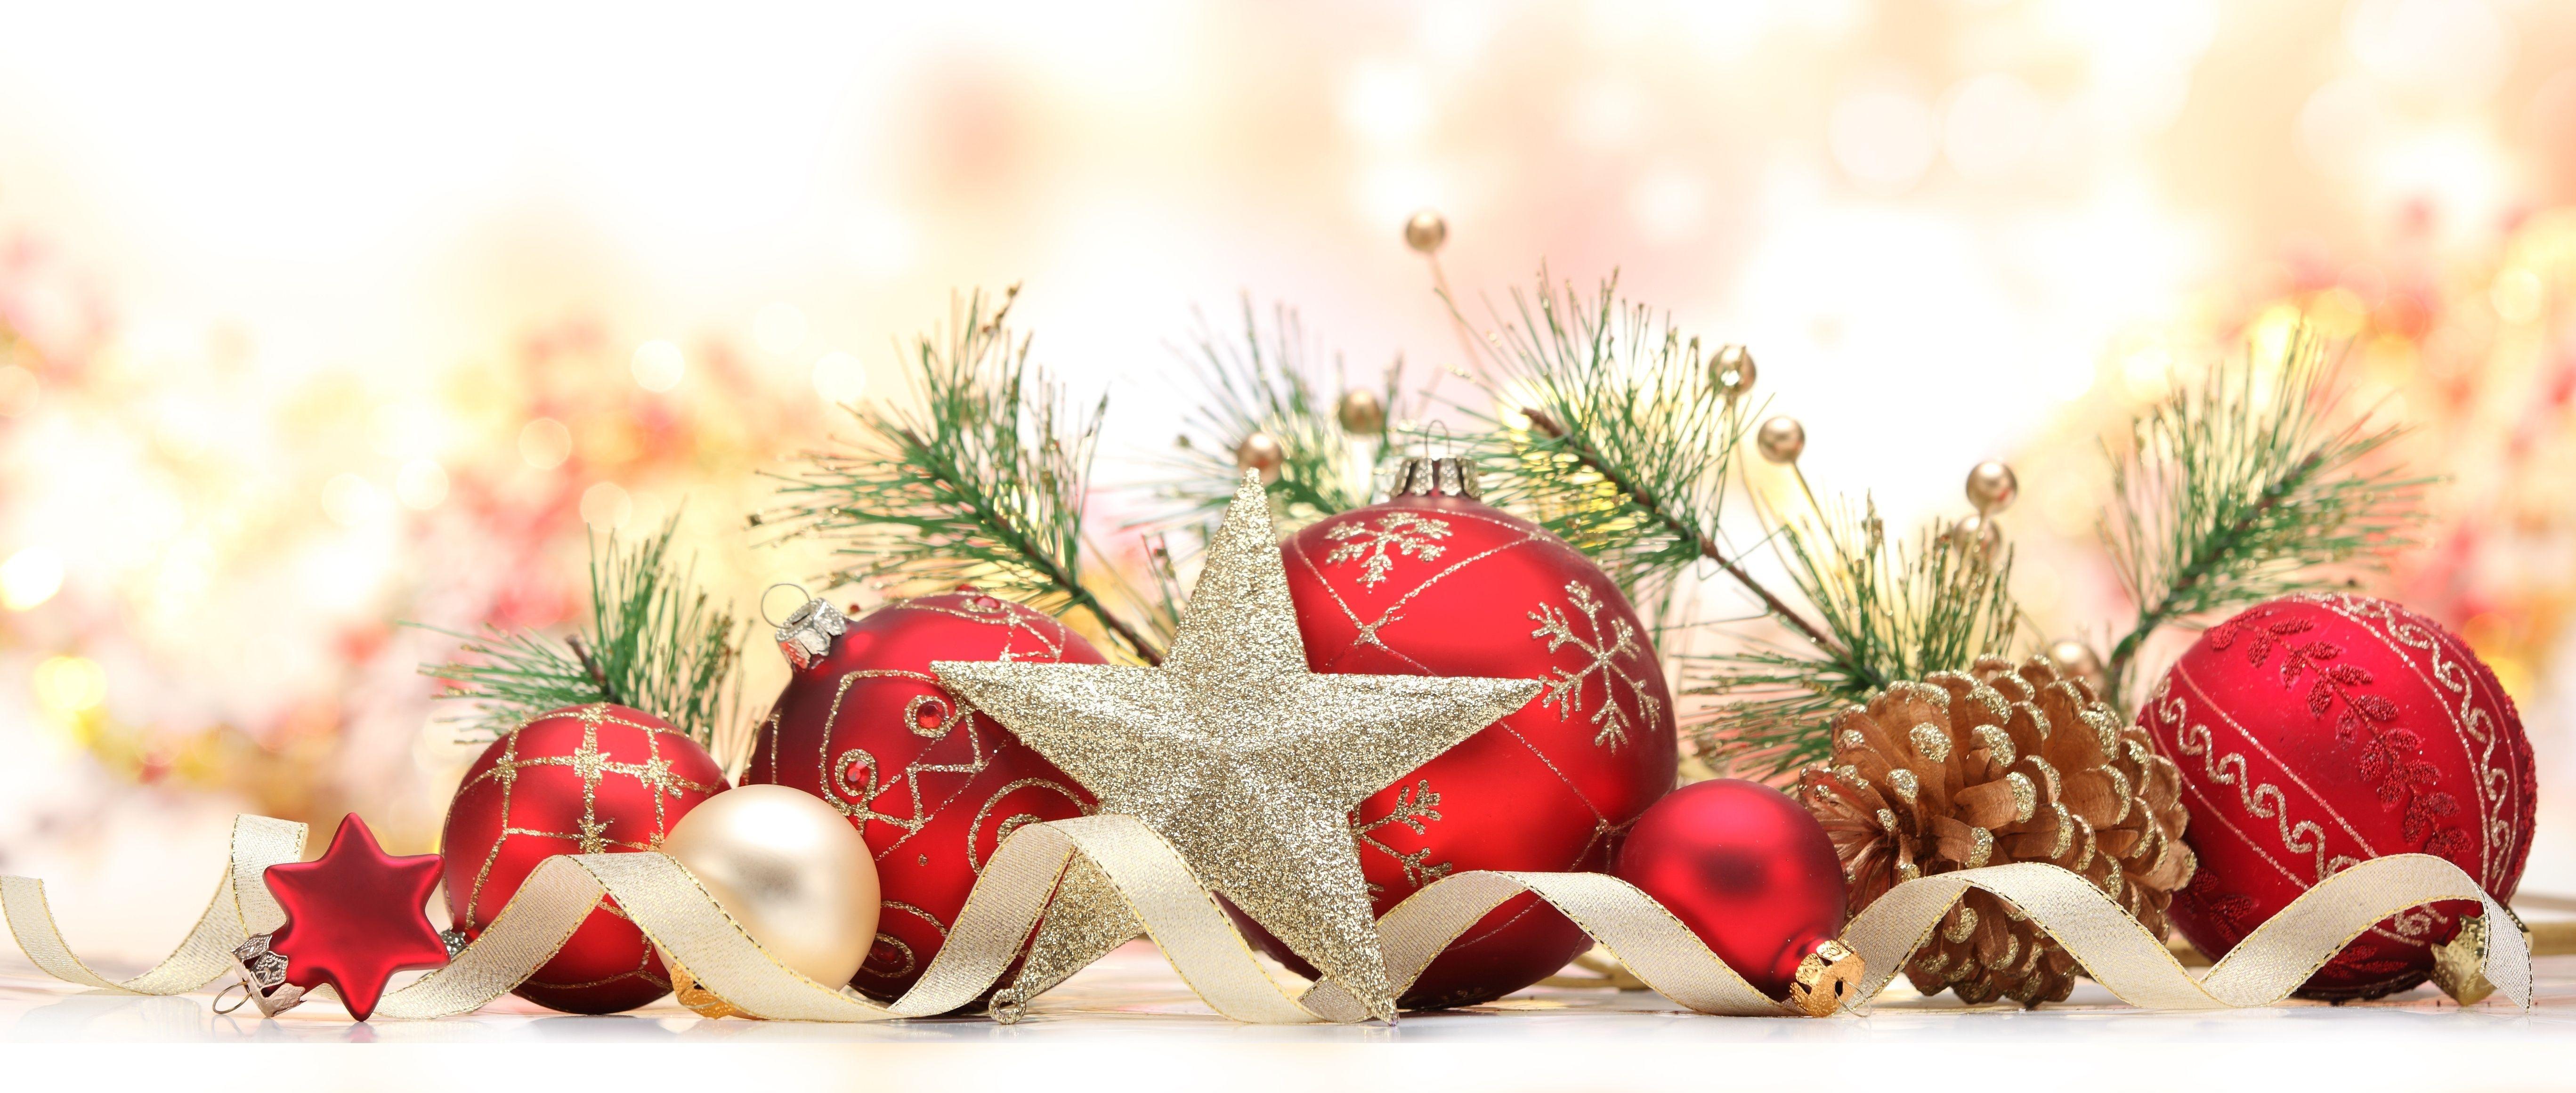 Christmas Decoration Christmas Decoration Google Search Whl 2016 Pinterest